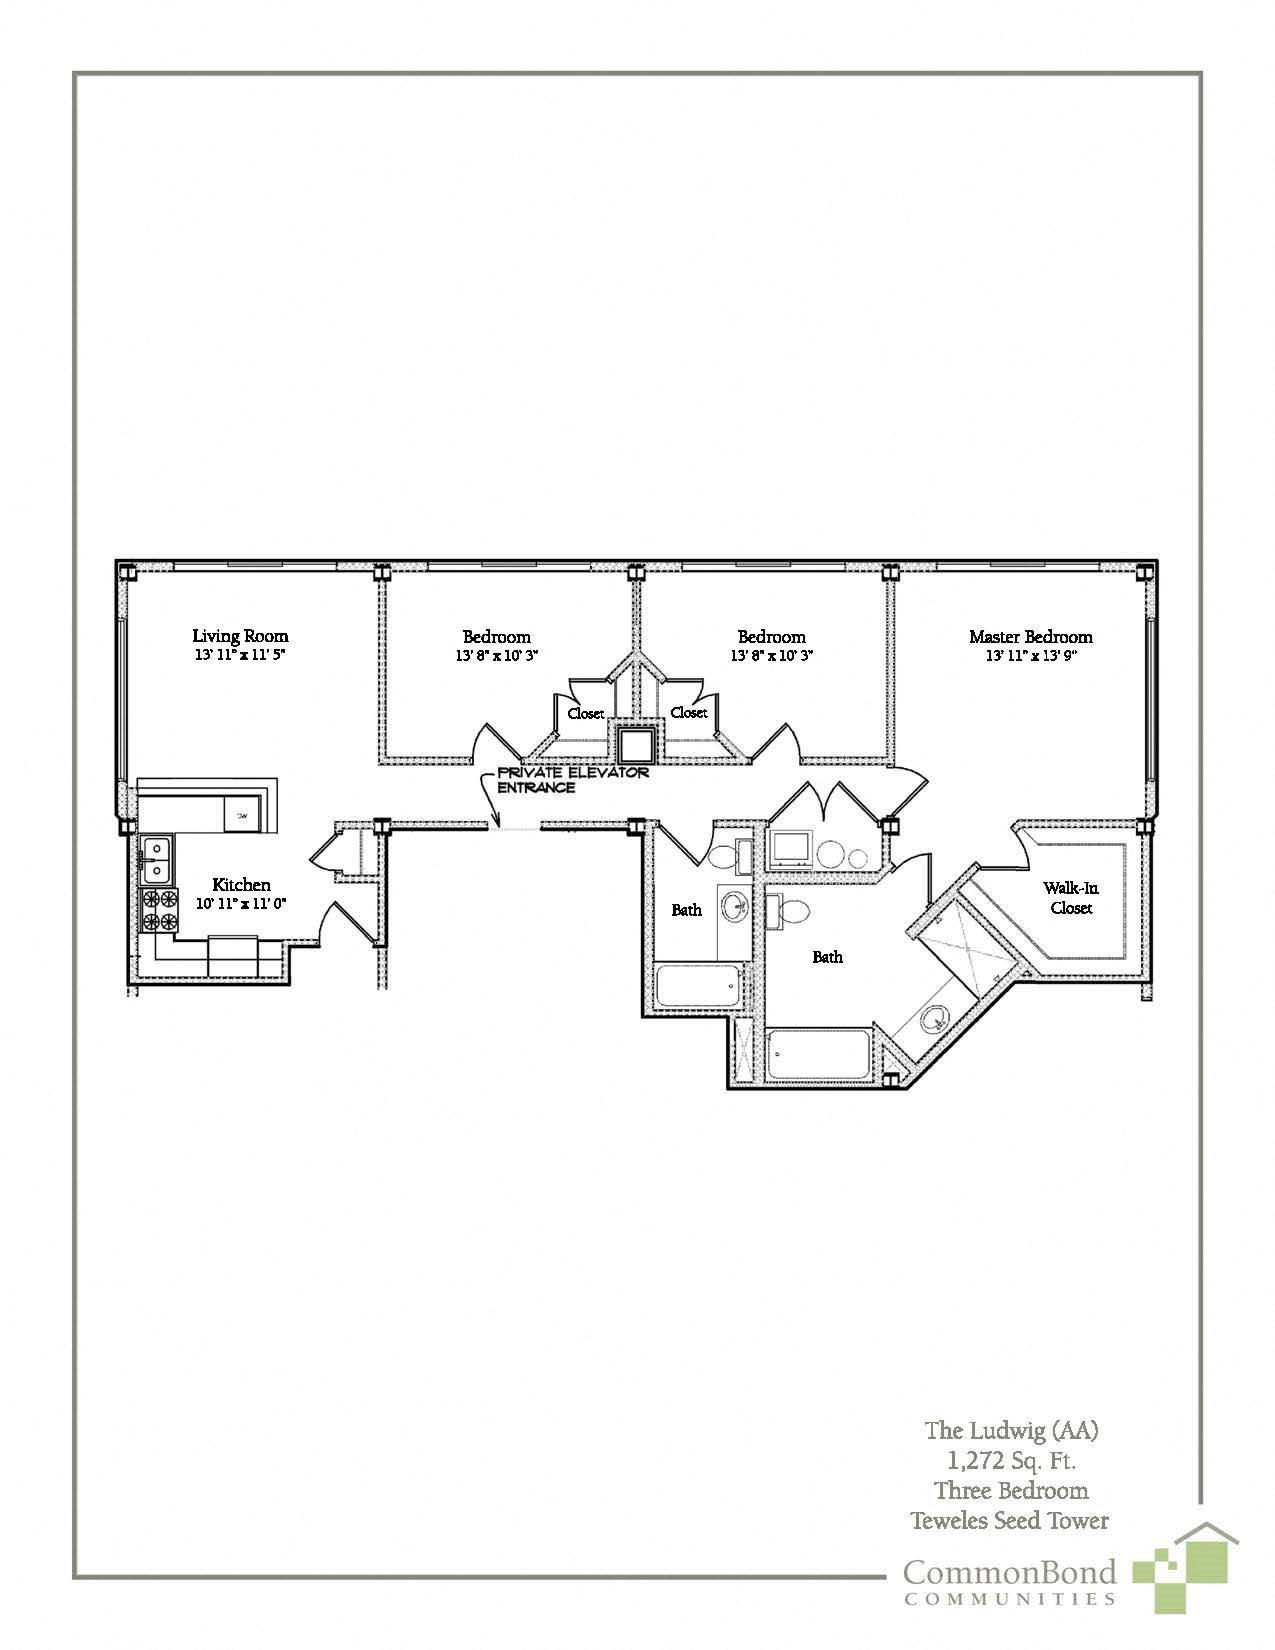 3 BR Floor Plan 8